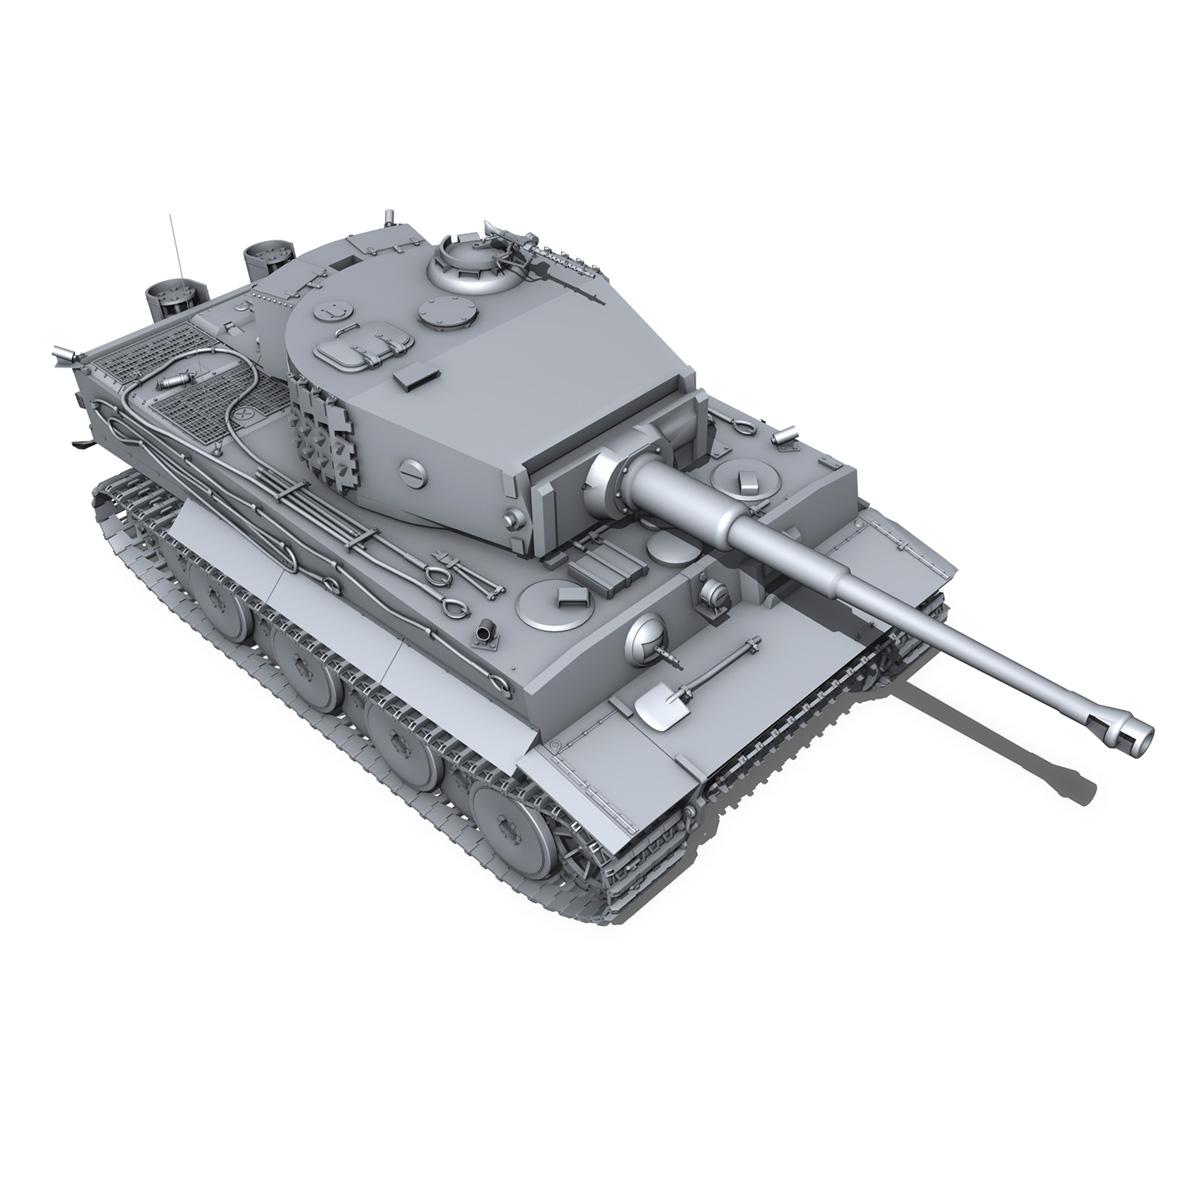 panzer vi – tiger – mid production 3d model 3ds fbx c4d lwo obj 202296